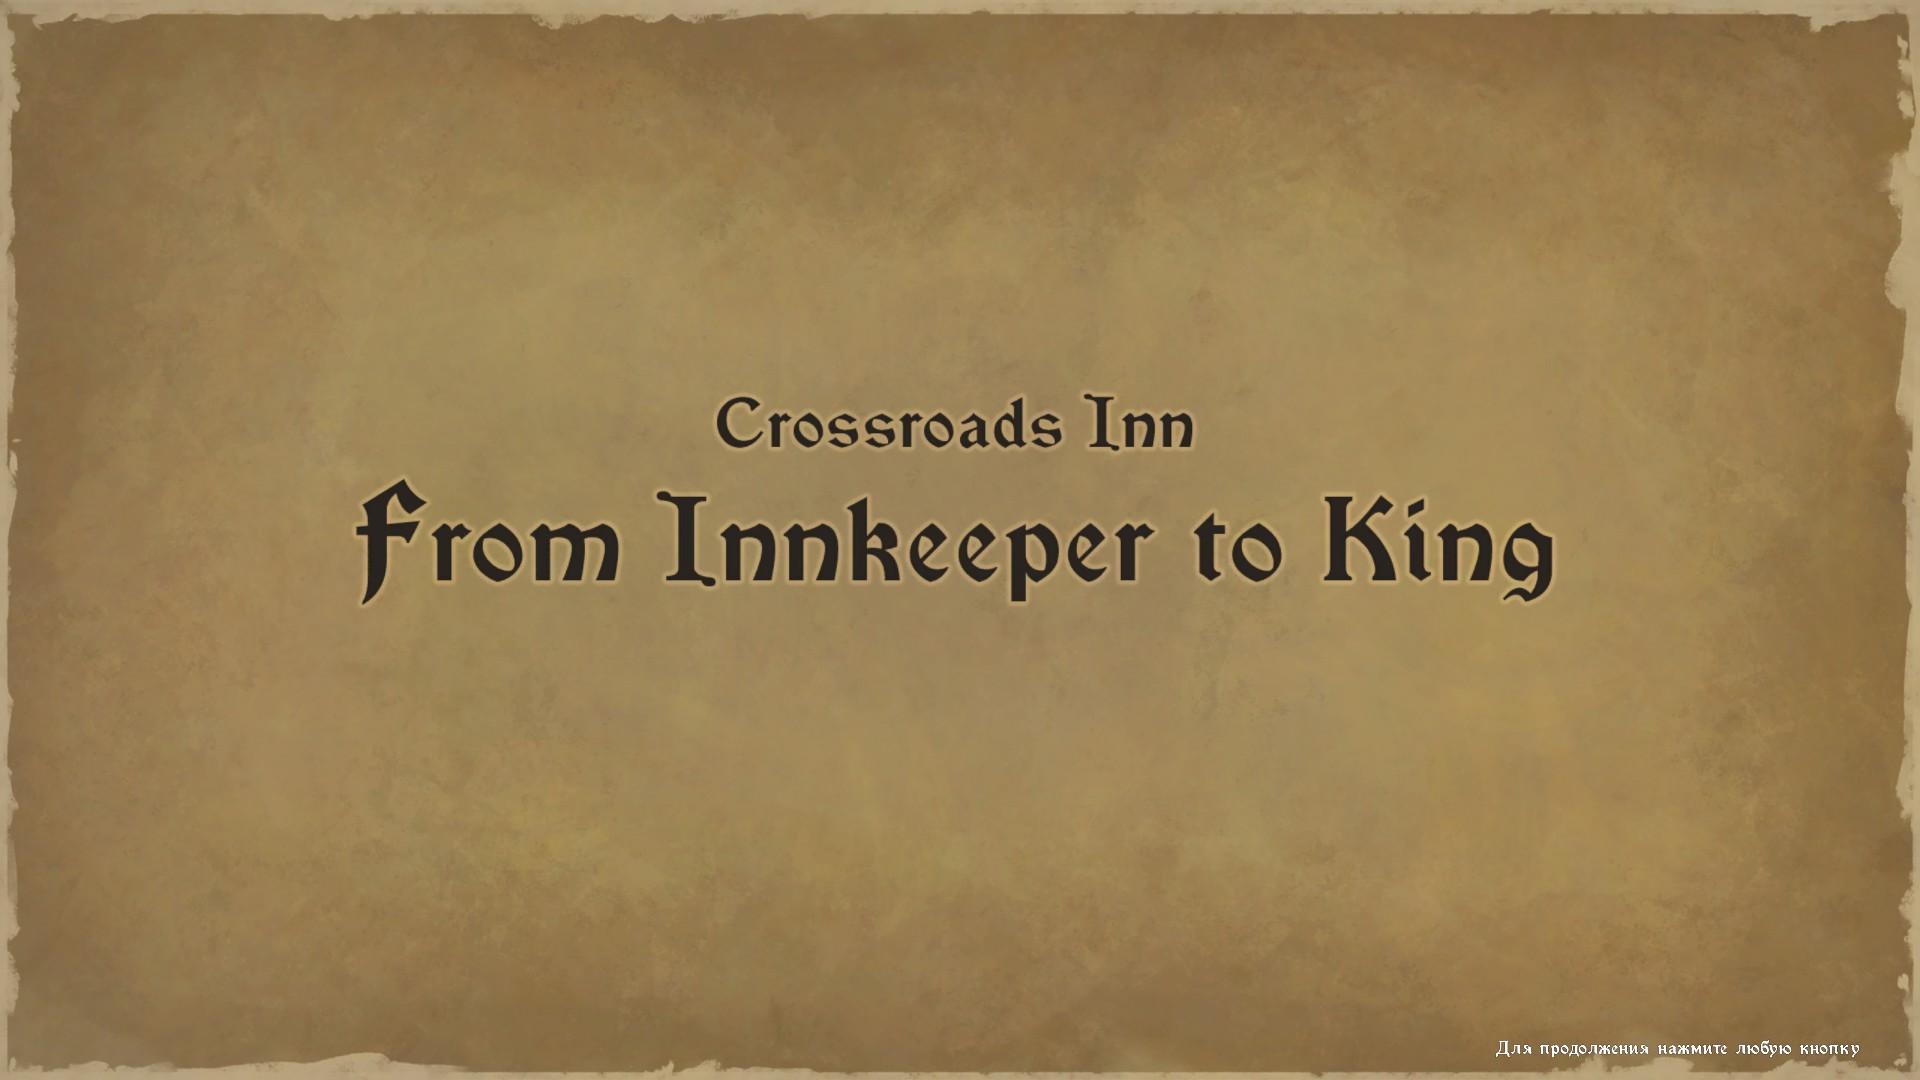 Crossroads Inn…